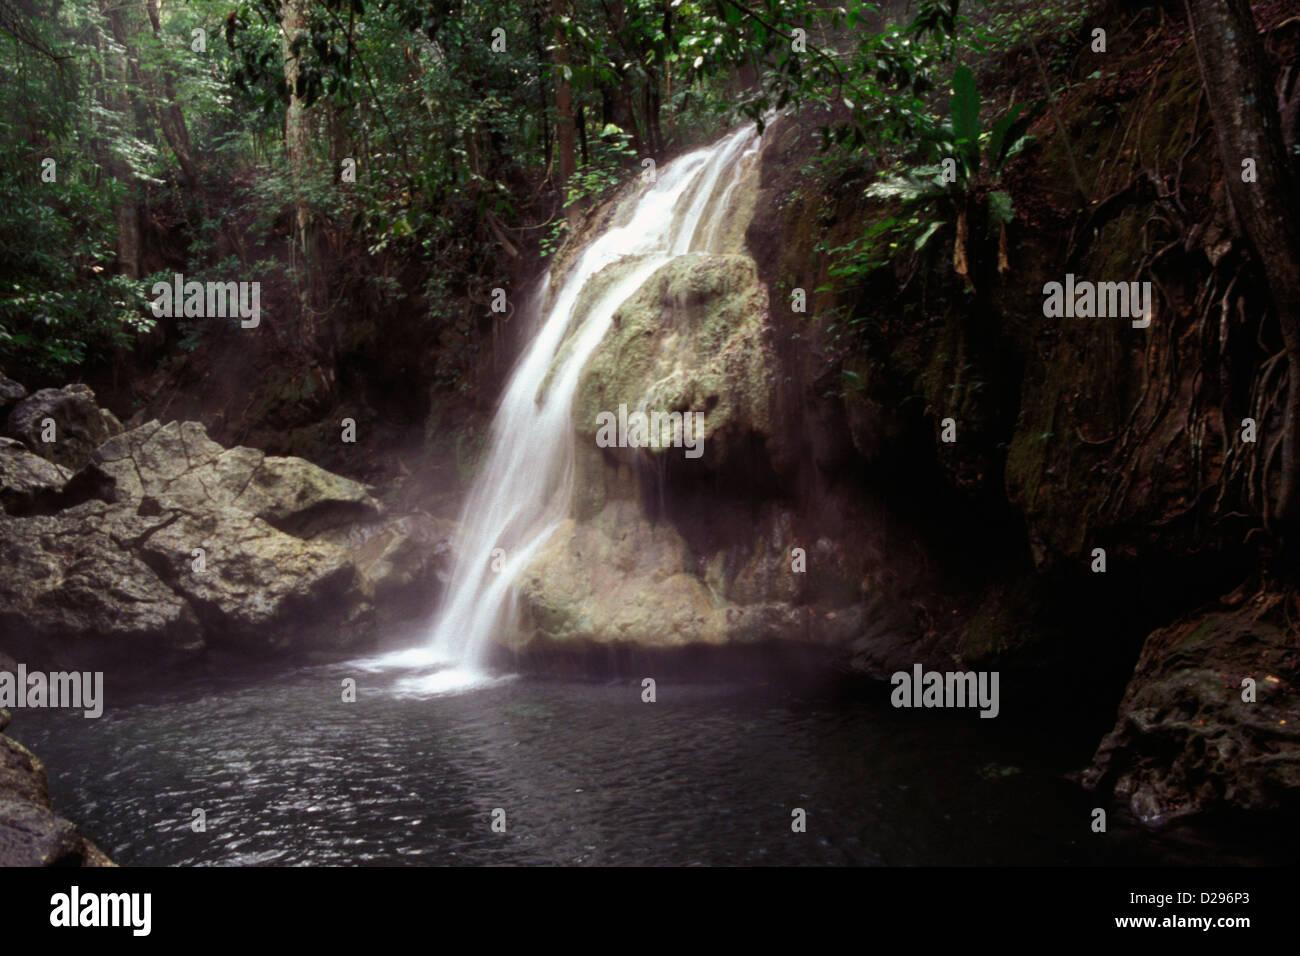 Guatemala, cerca del Lago de Izabal. Finca El Paraiso Río Agua Caliente. Cascadas de agua caliente Imagen De Stock